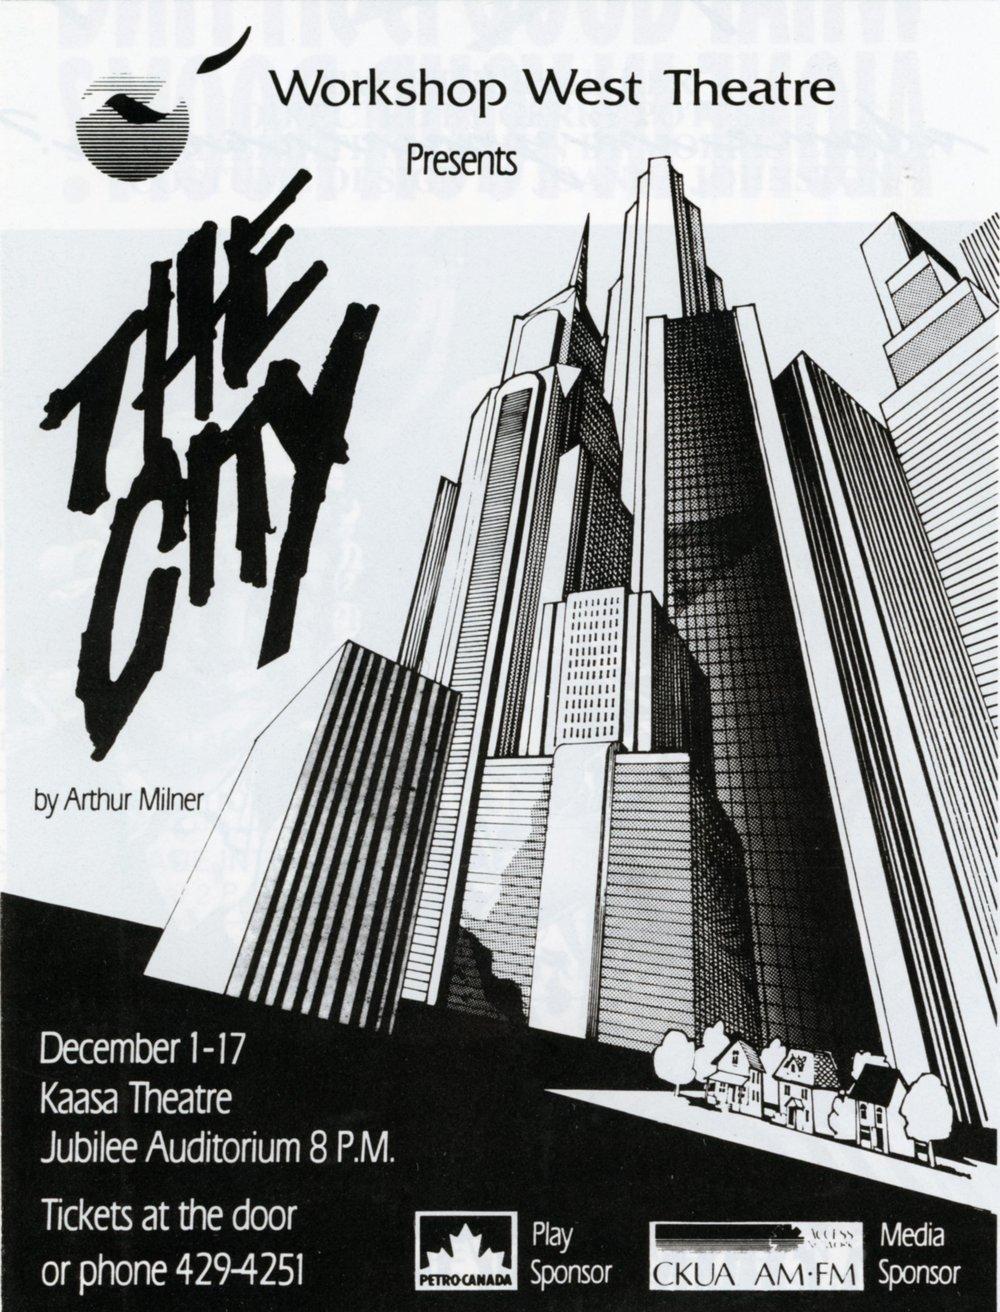 The City (December, 1989)-Program Cover JPEG.jpg